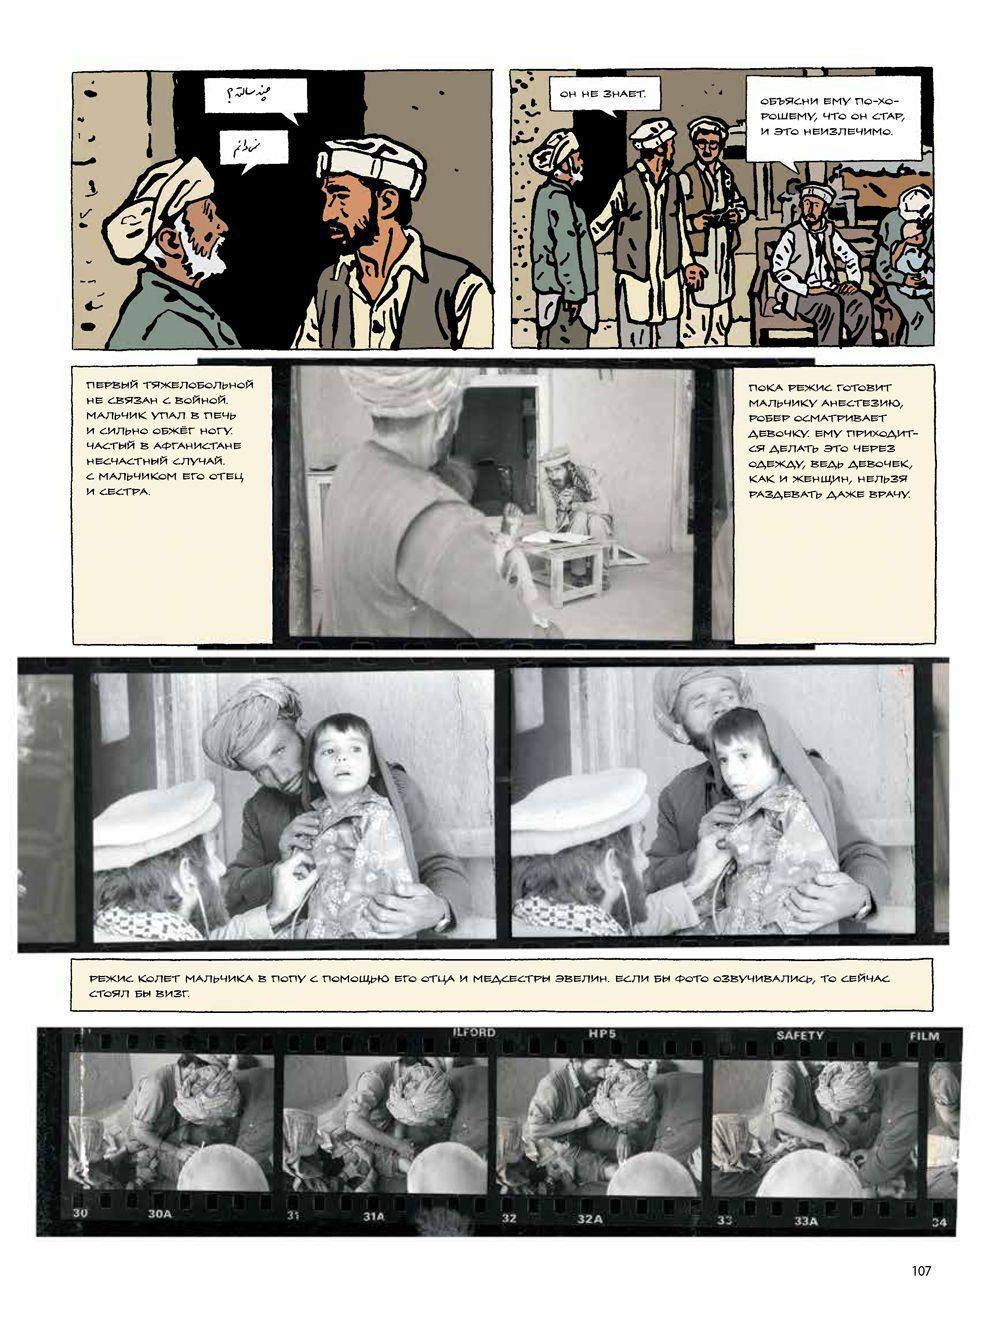 fotograf 10517504 5 - <b>«Колония муравьев», Джо Сакко и шутки создательницы «Коня БоДжека»</b> – обзор комиксов от Катерины Сергацковой - Заборона